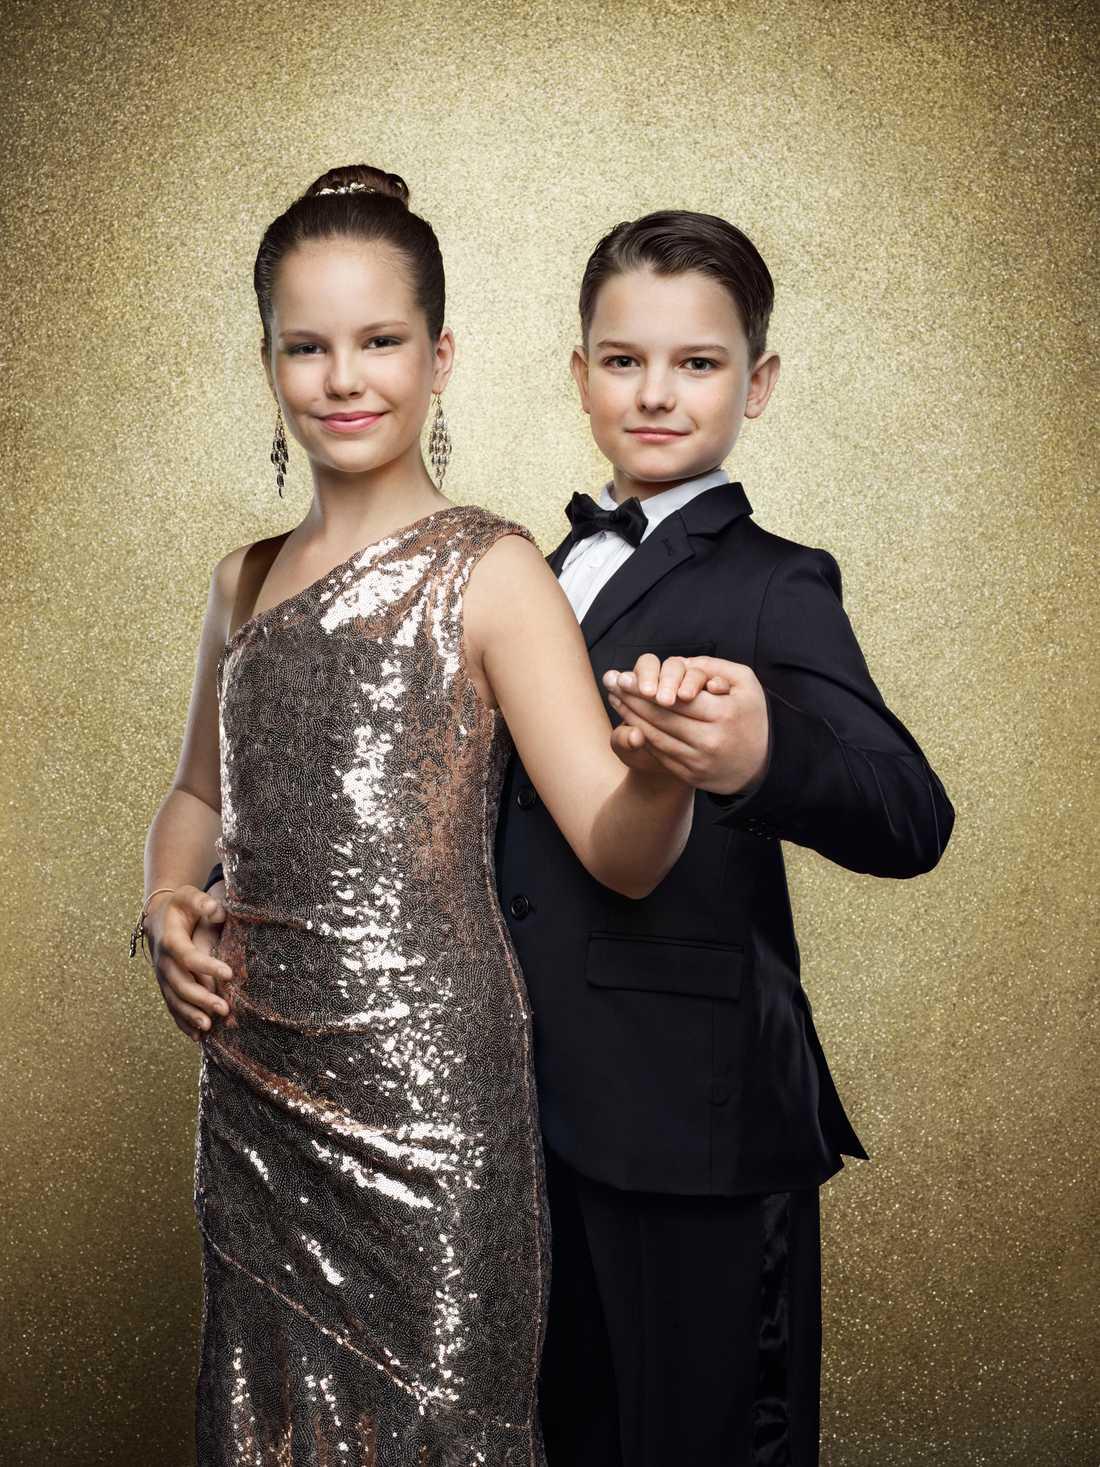 Elsa Jelvefors Aro, 11 år. Hasse Aros dotter och dansar med Bagration Borovsky.